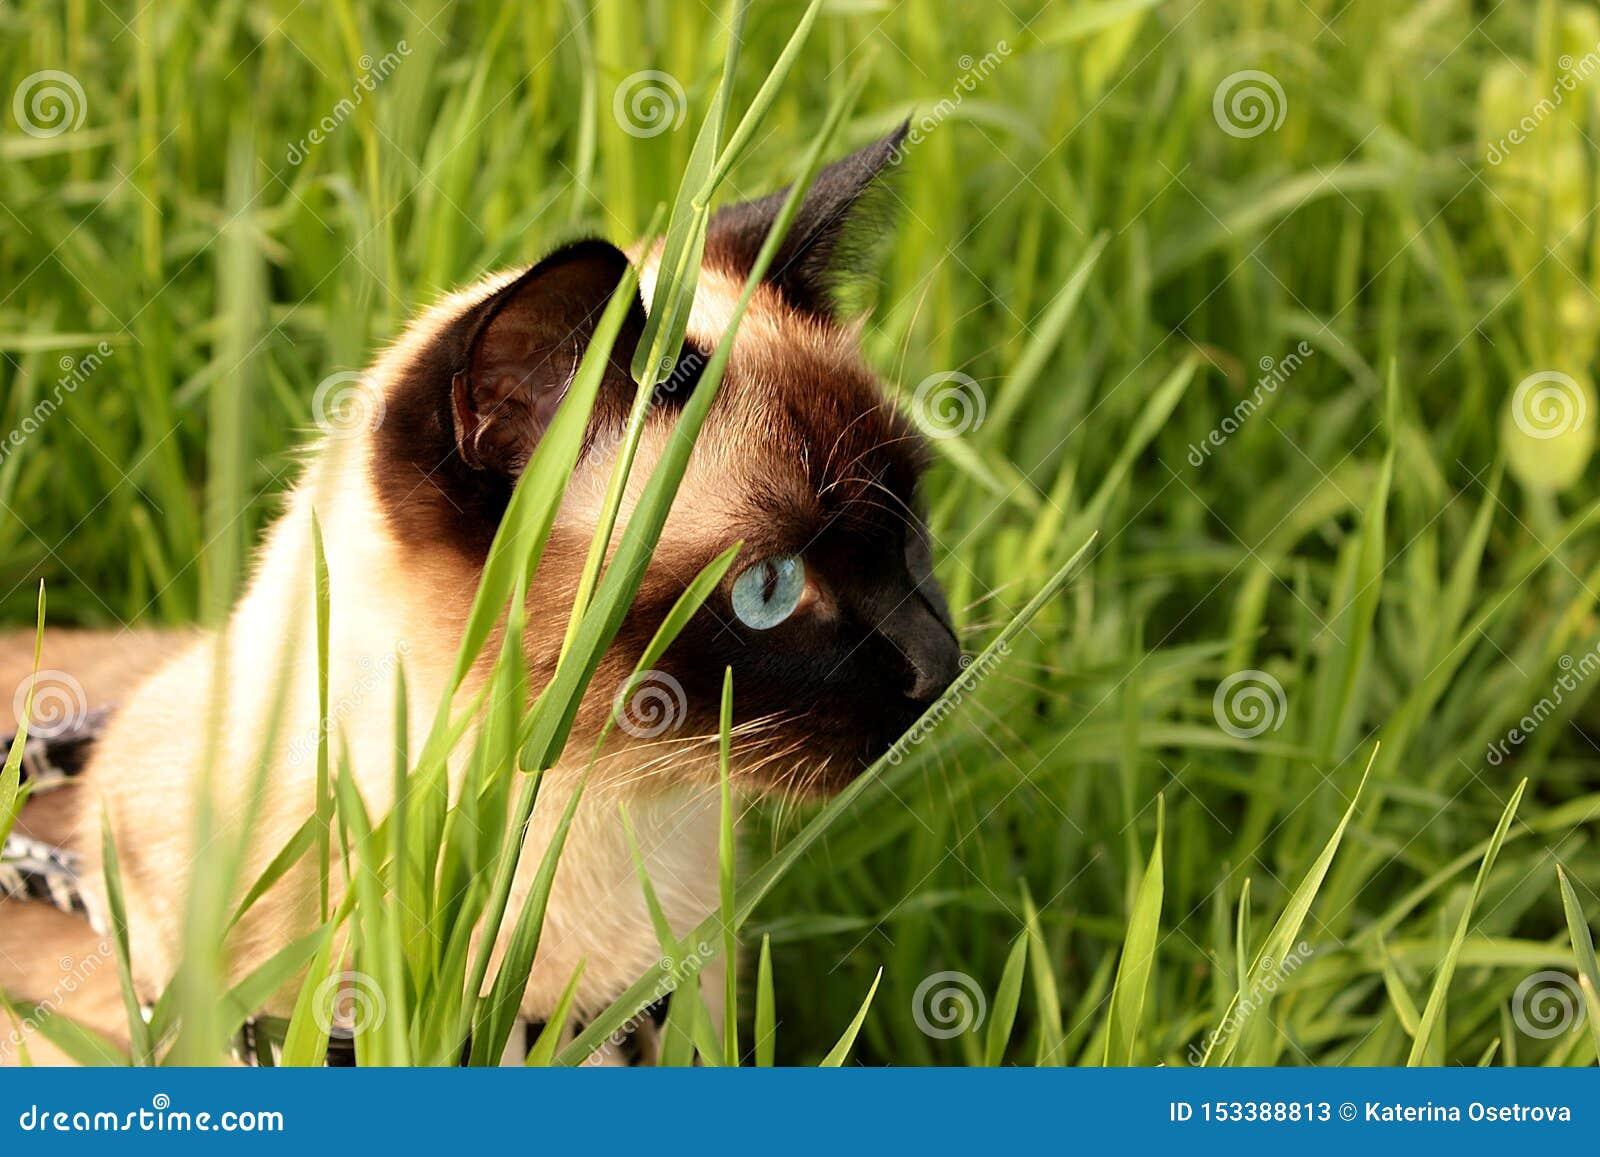 Syjamski kot tropi w trawie